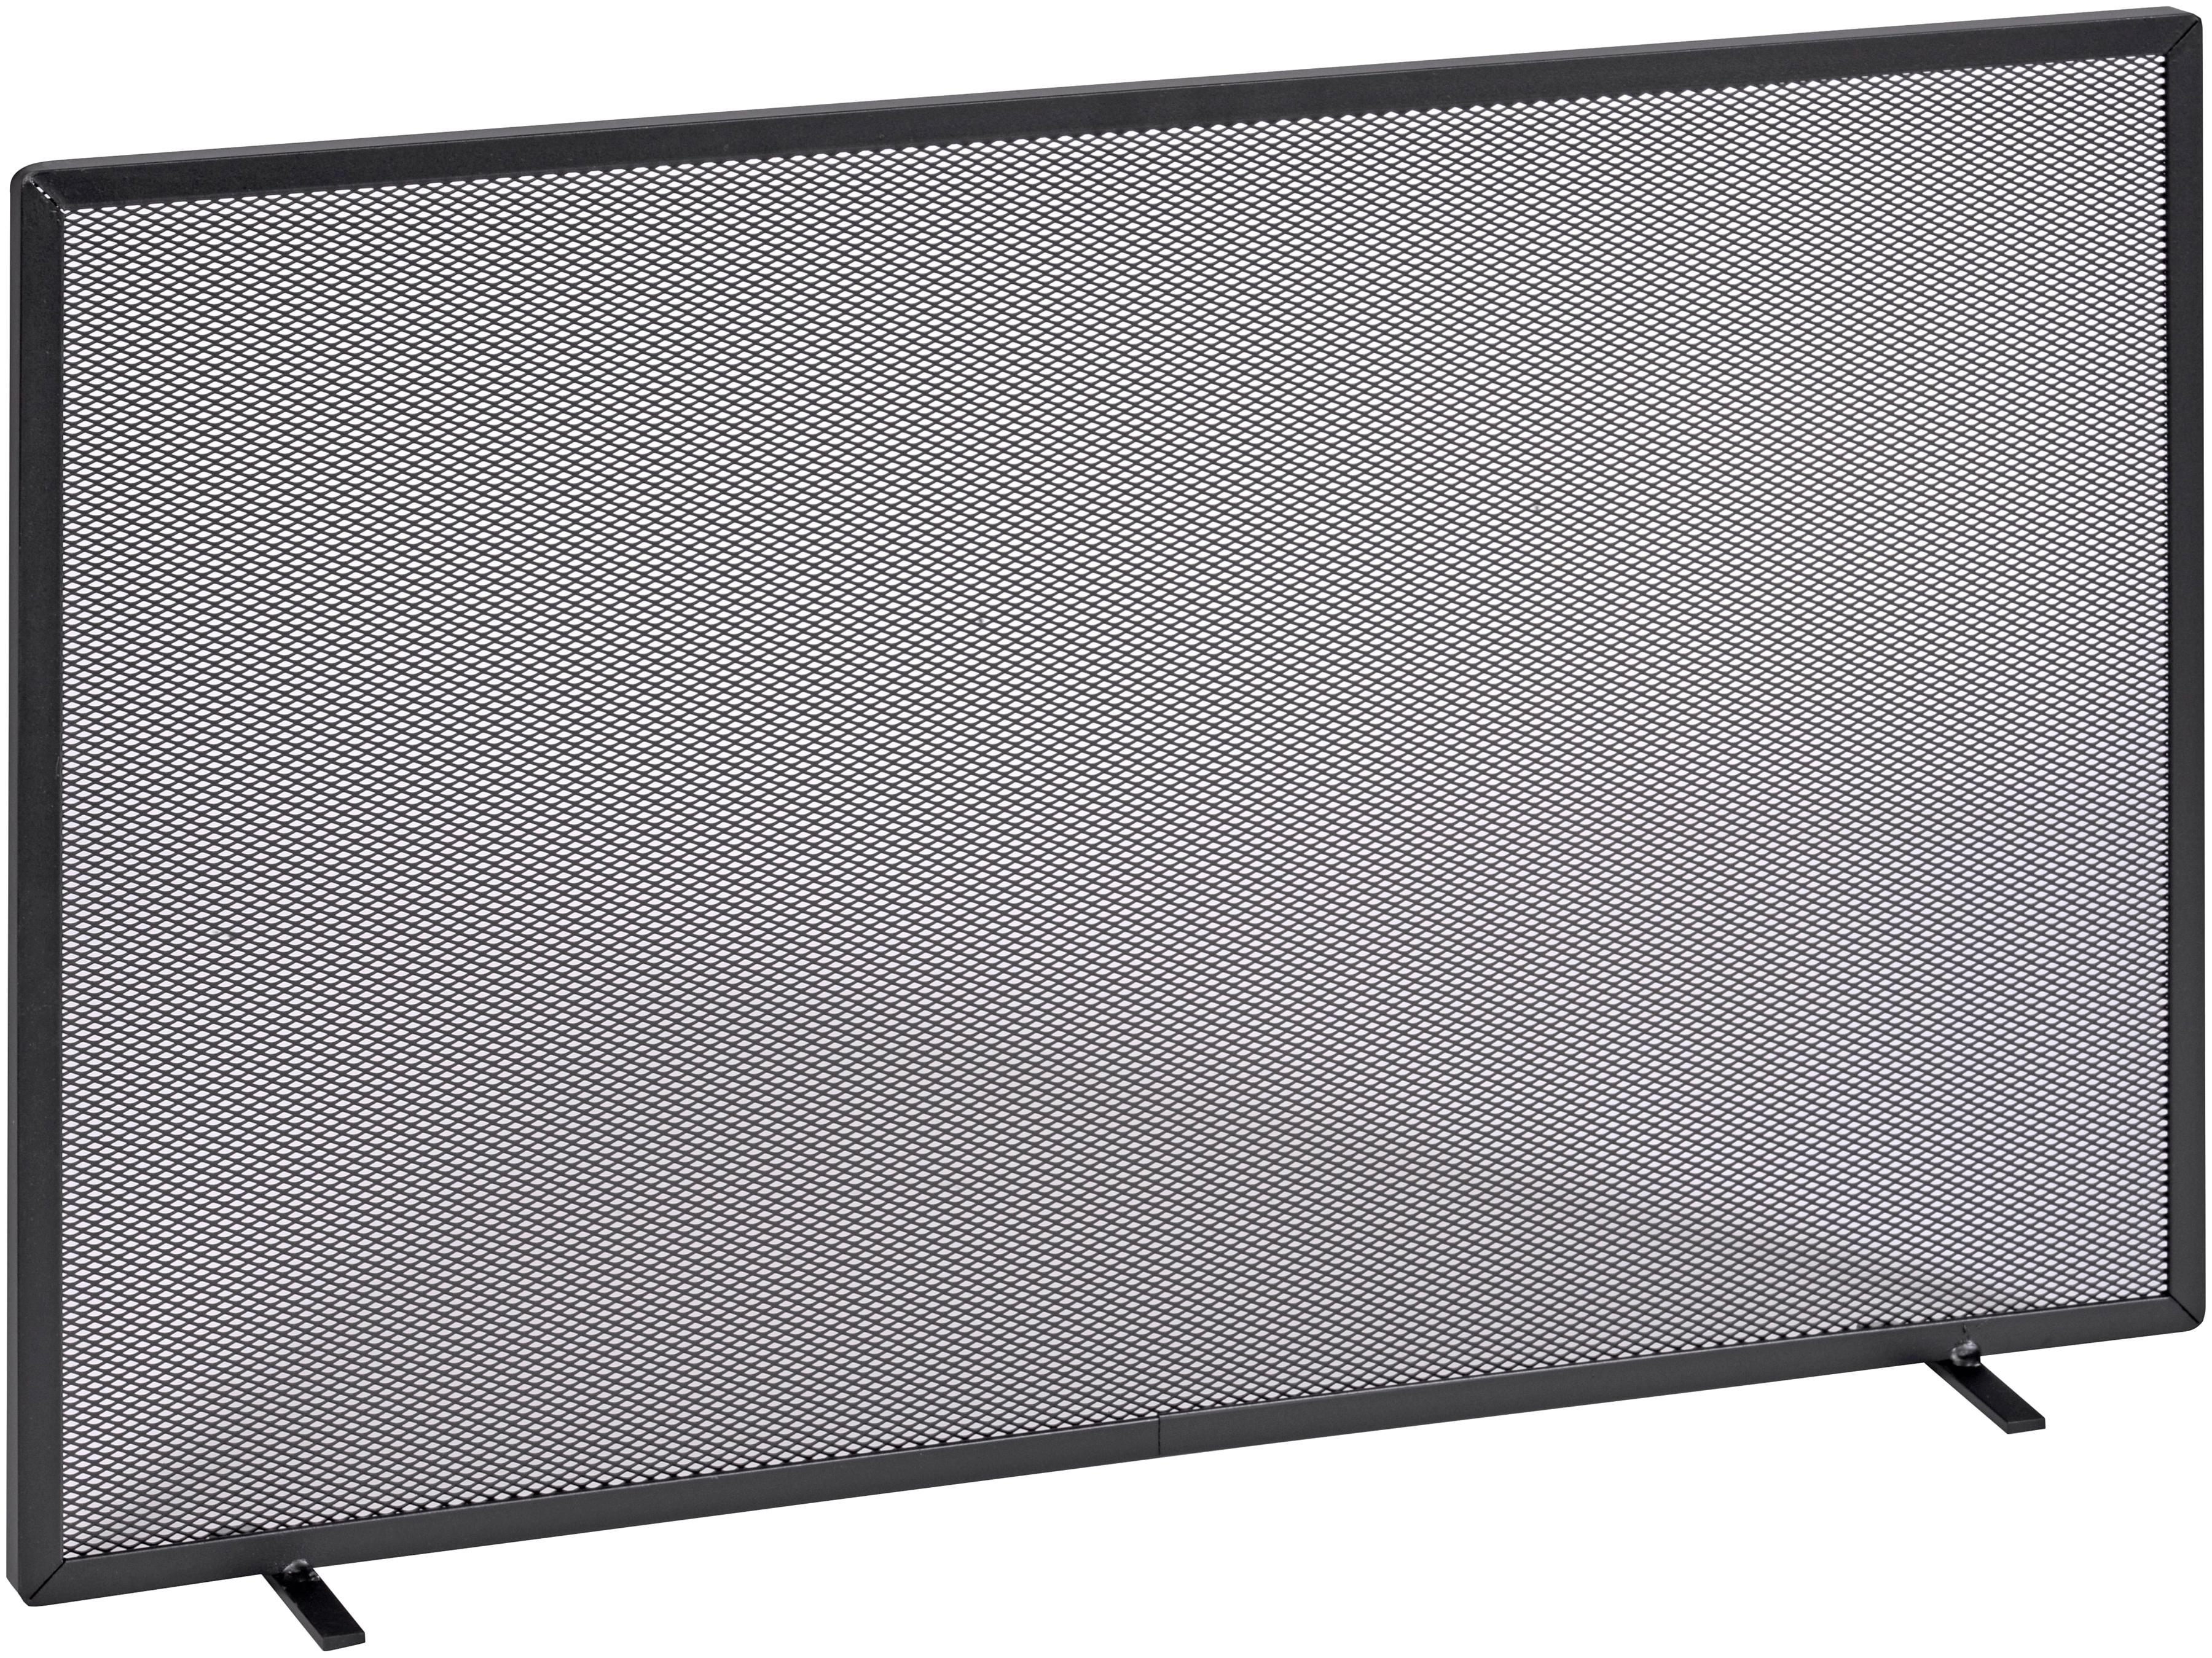 Firefix Funkenschutzgitter, mit Gittergeflecht, 80 x 52 cm (BxH) schwarz Funkenschutzgitter Kamin Öfenzubehör Heizen Klima